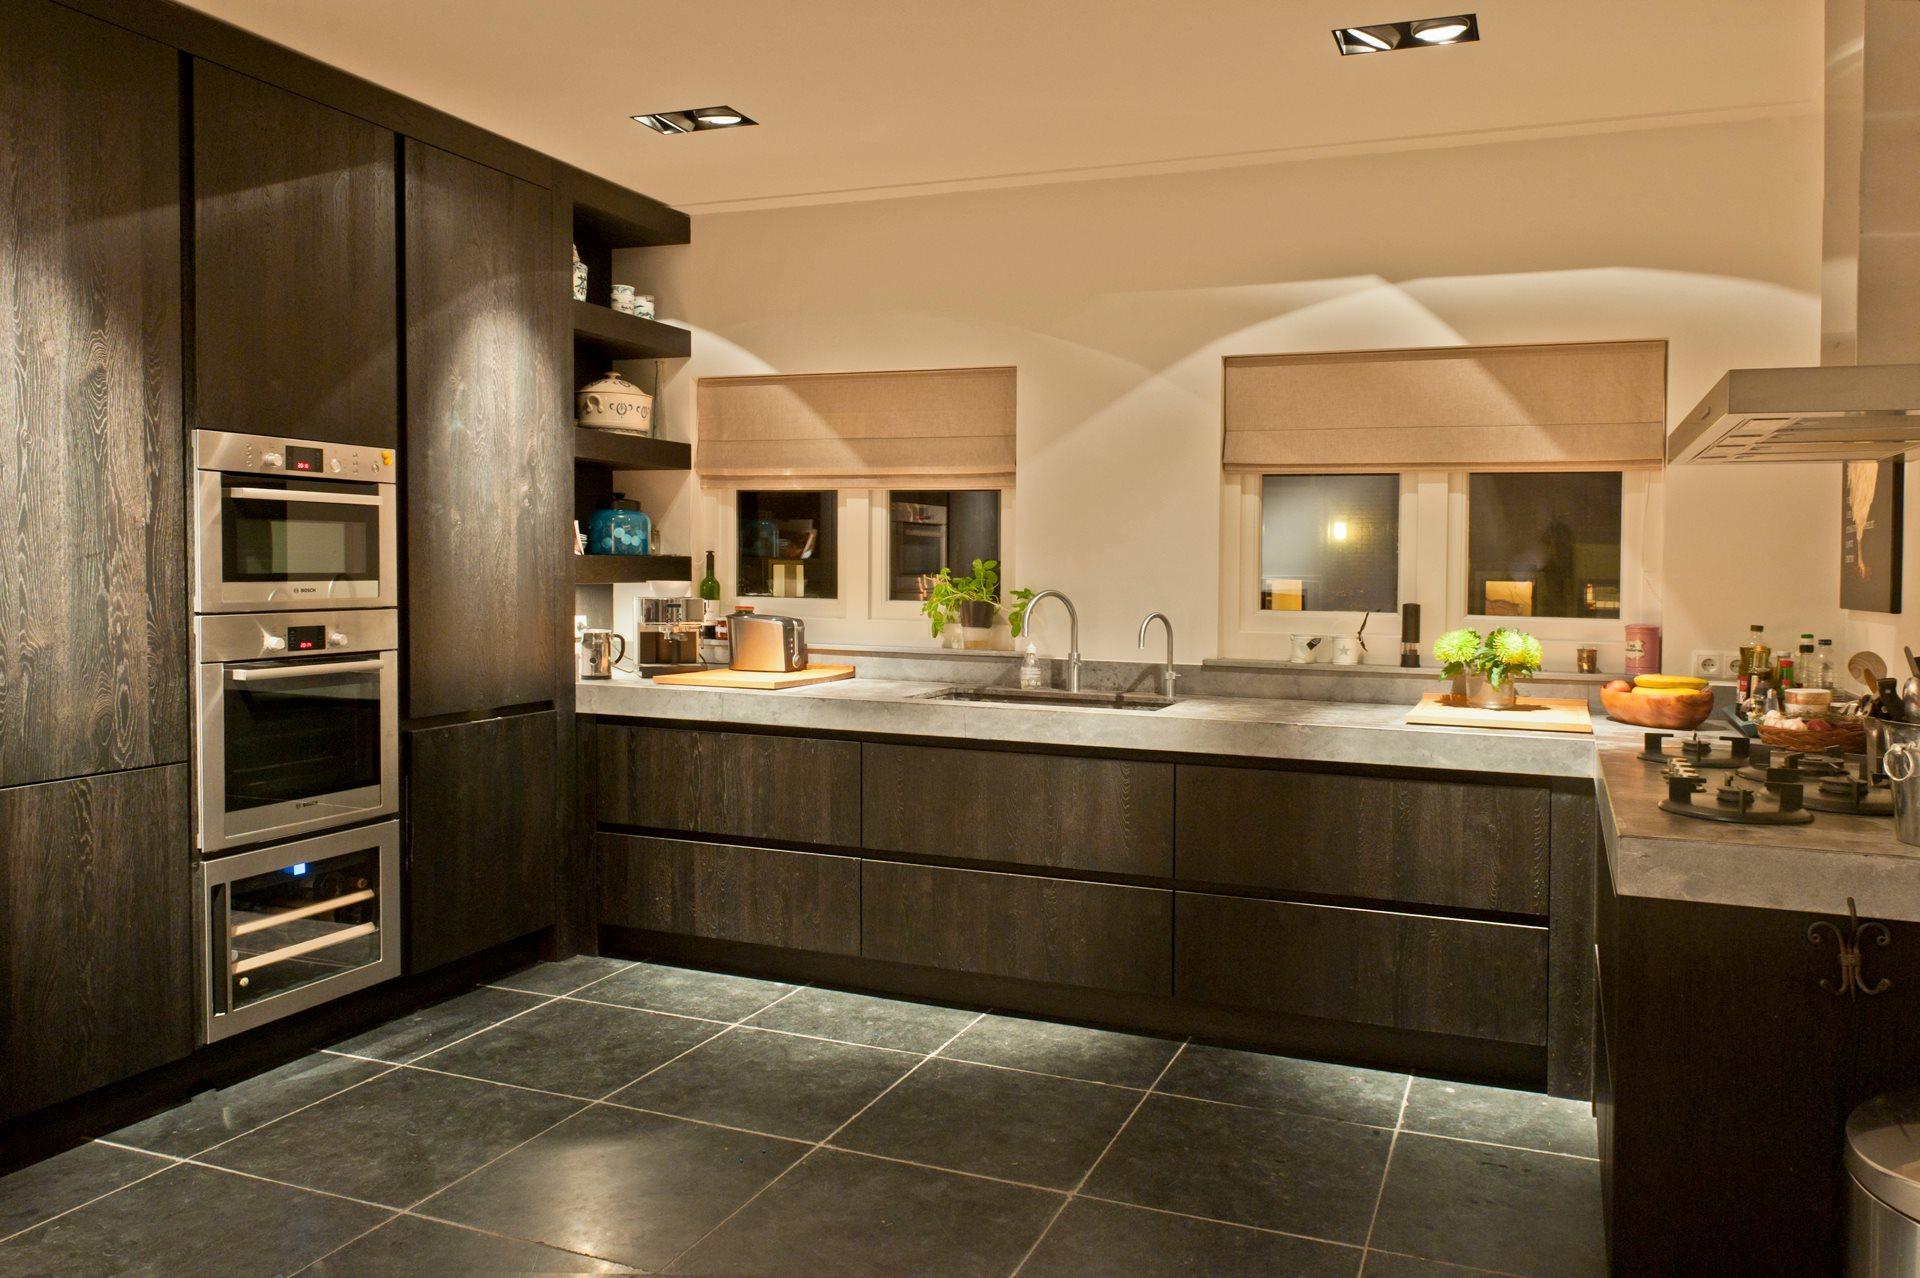 Keuken Grijs Ikea : Ikea keuken eigen keukenblad kiezen